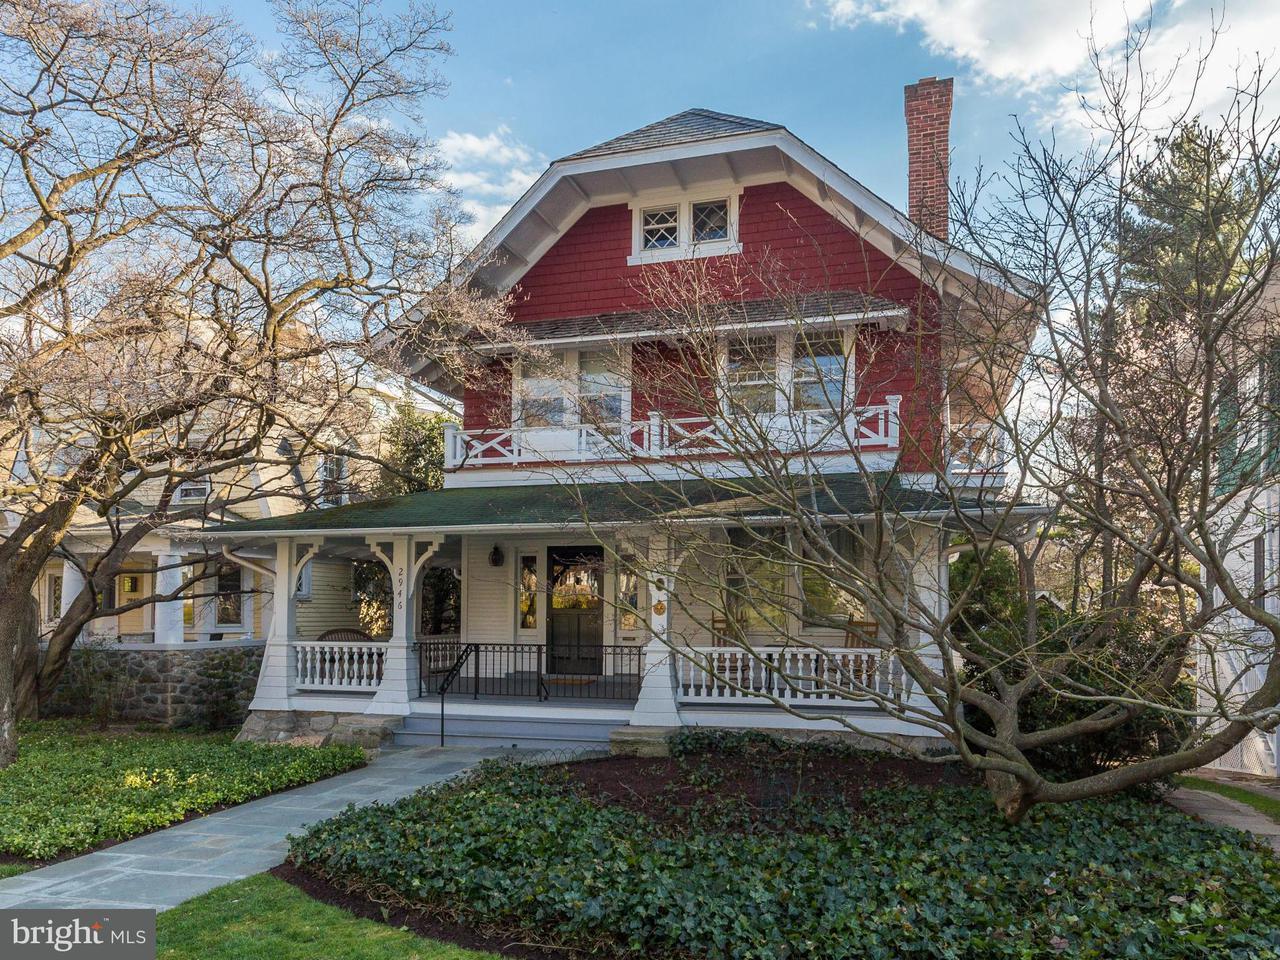 獨棟家庭住宅 為 出售 在 2946 NEWARK ST NW 2946 NEWARK ST NW Washington, 哥倫比亞特區 20008 美國